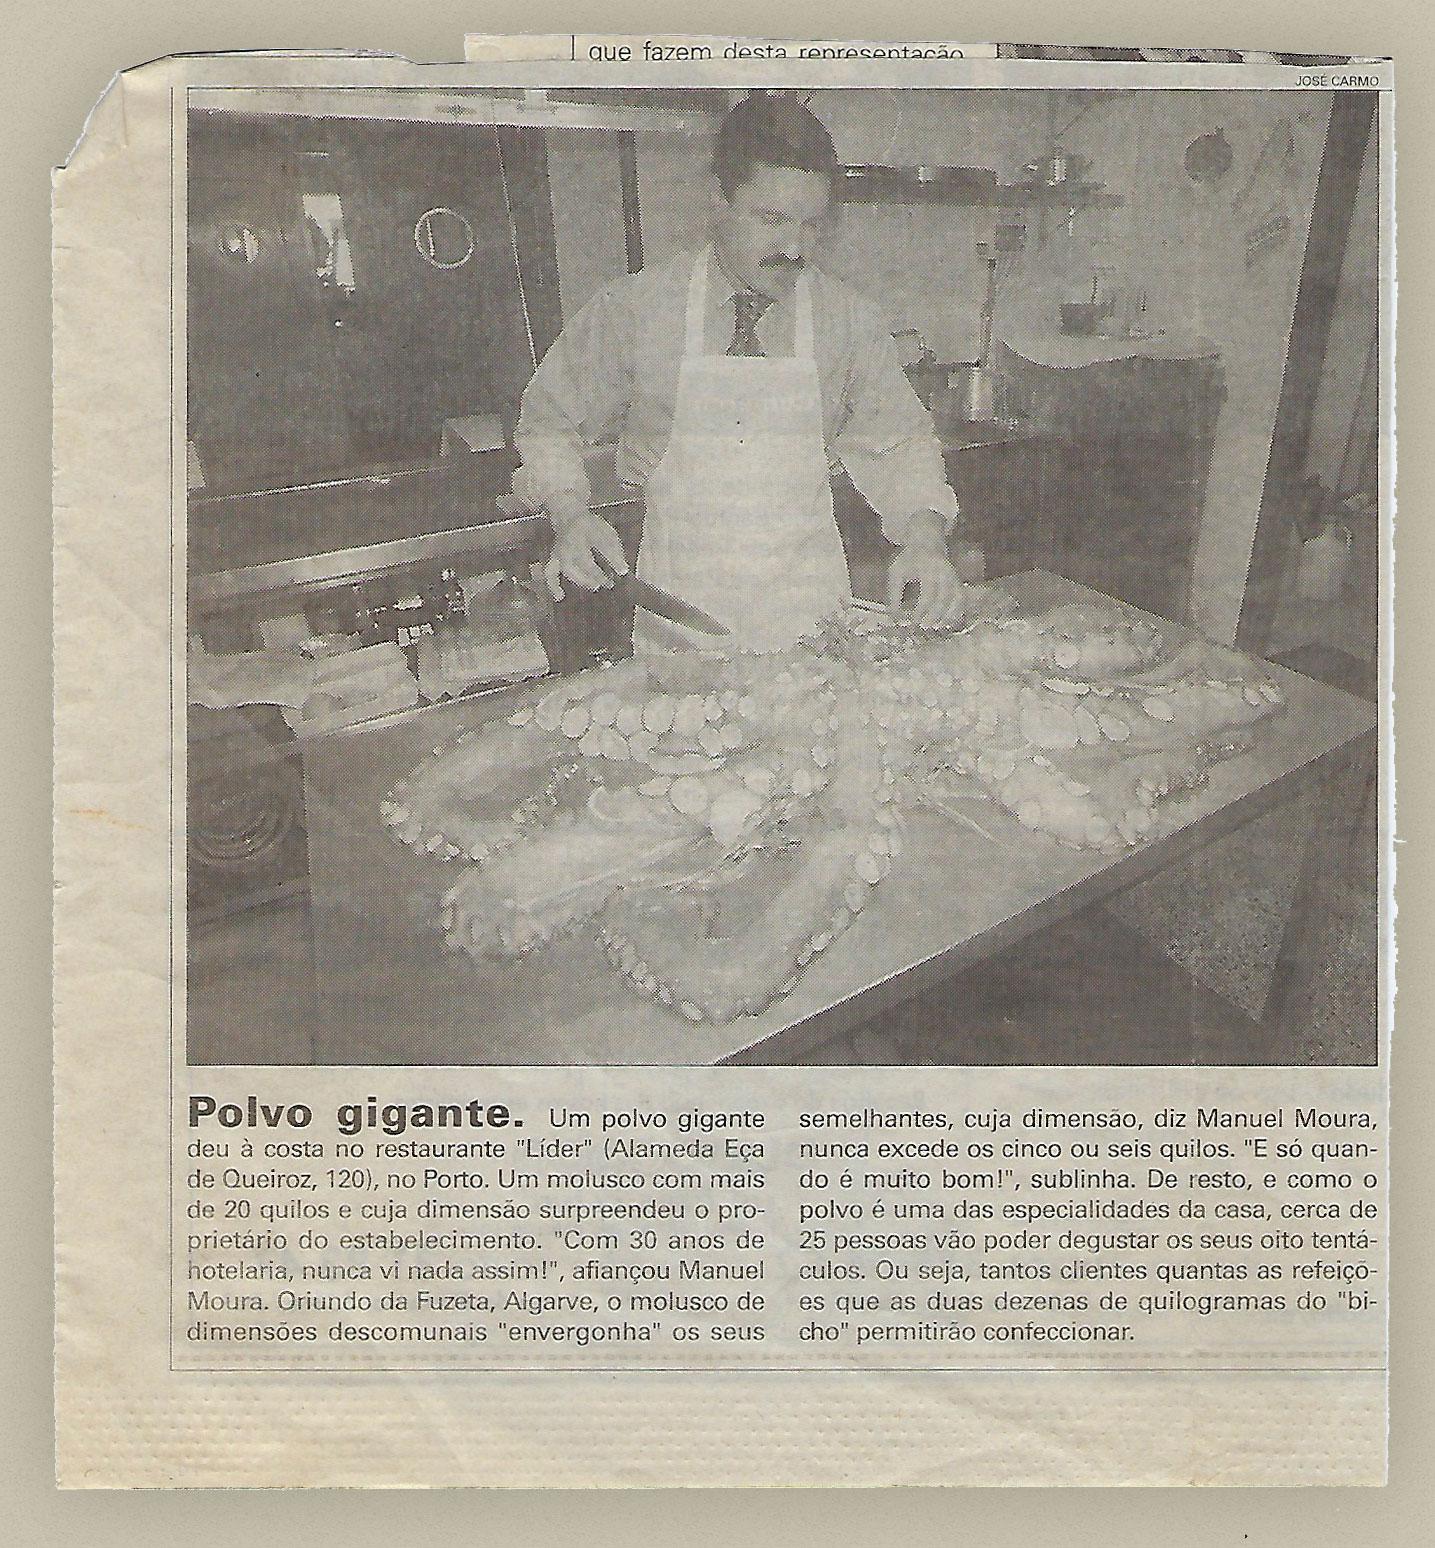 Roteiro – O melhor da gastromomia portuguesa